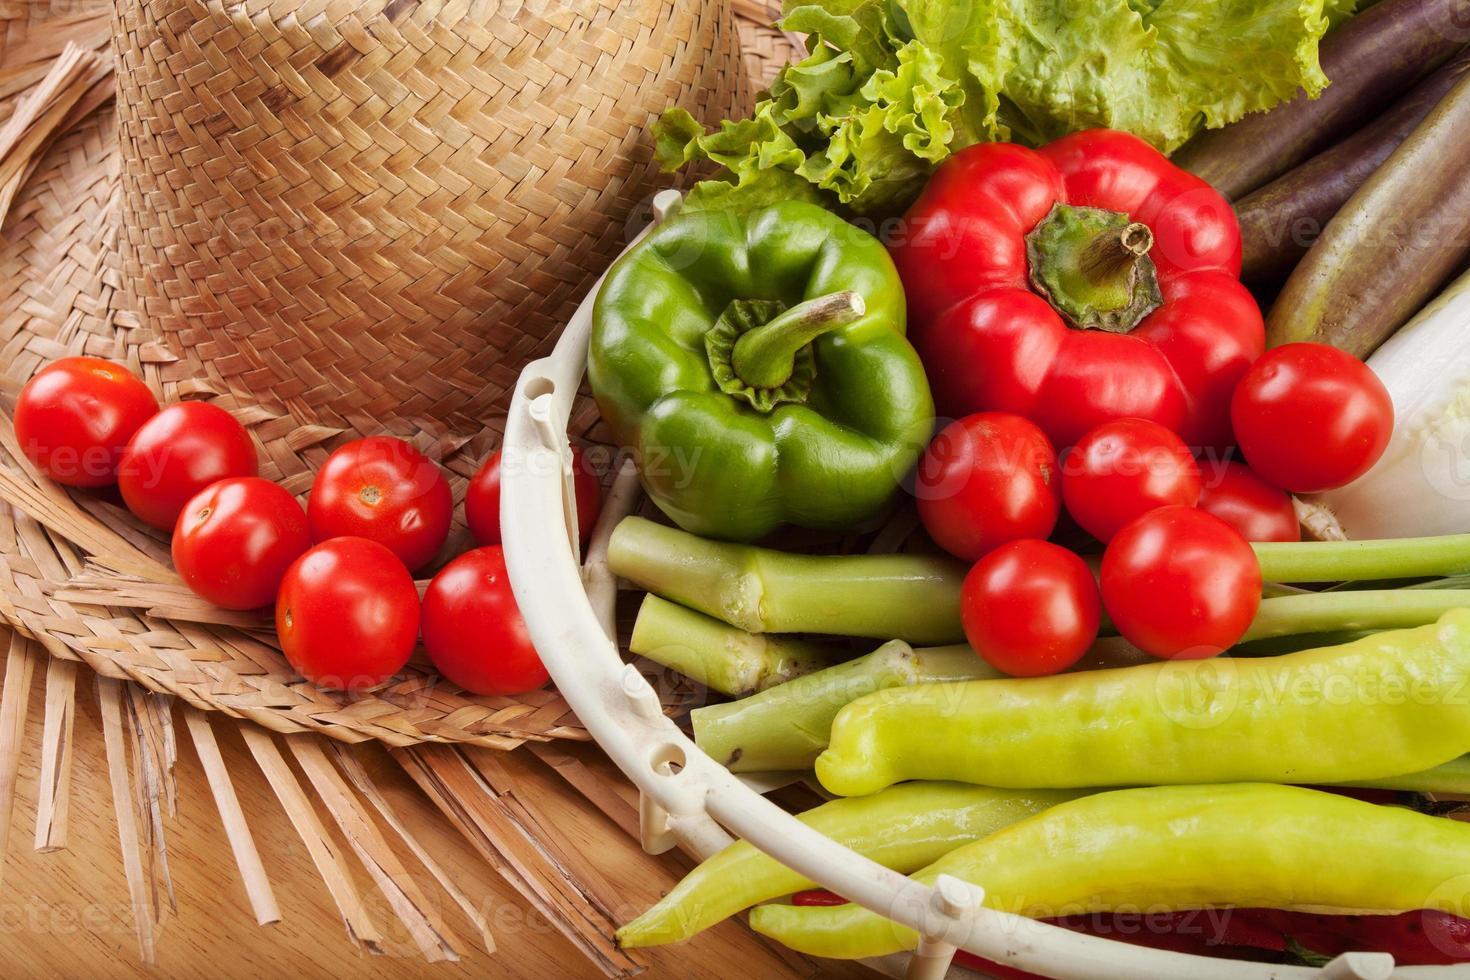 include frutta e verdura fresca. foto